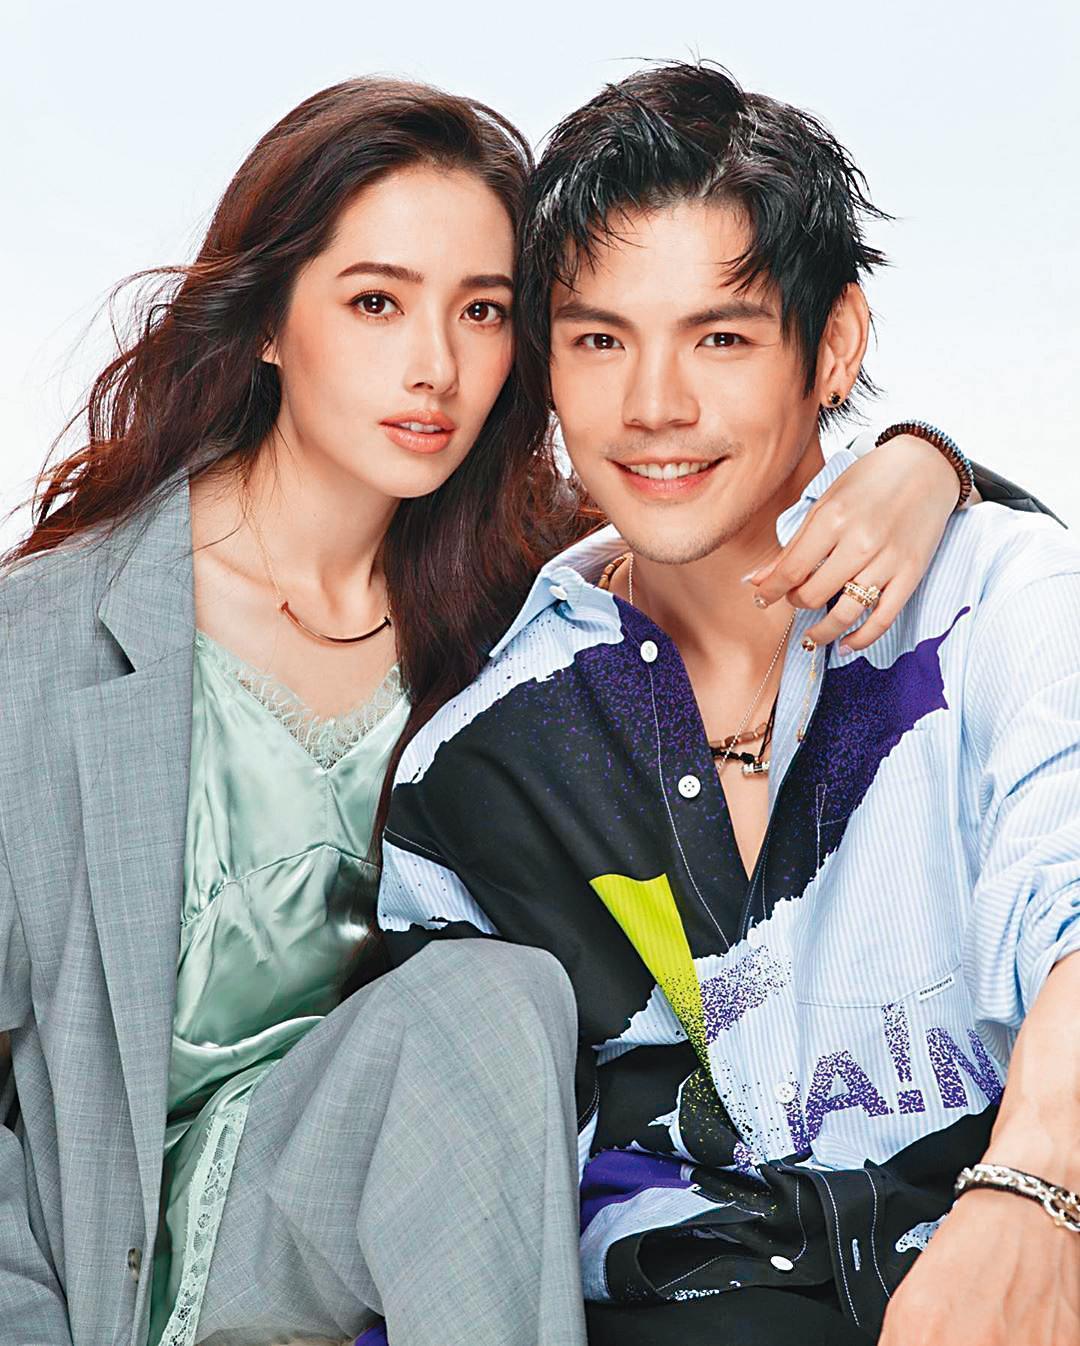 在螢光幕前,向佐和郭碧婷表現相當恩愛,還一起拍知名百貨公司的雜誌封面。(翻攝自向佐IG)